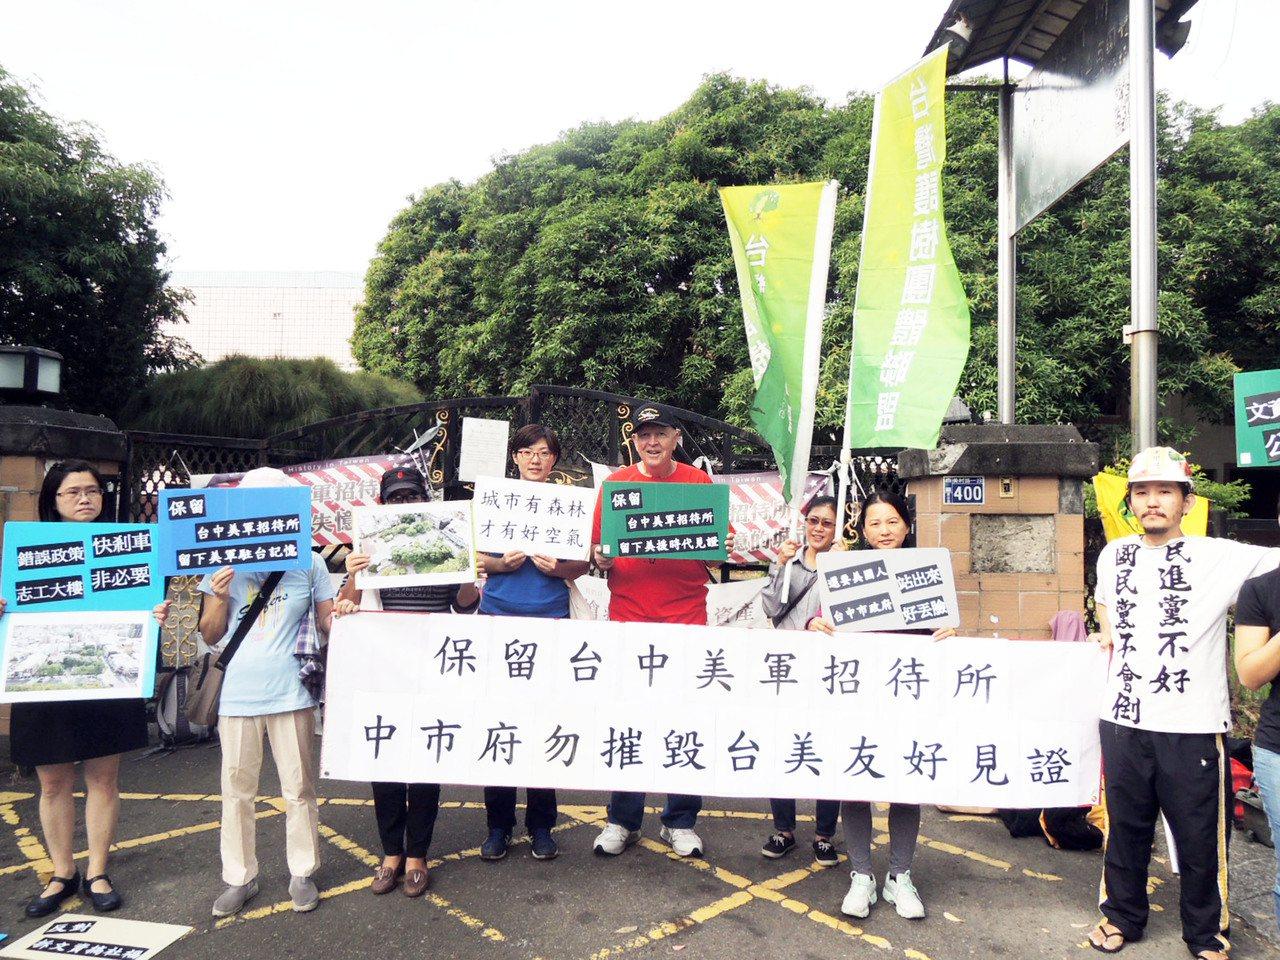 多個公民團體代表與曾駐台的美國老兵4日前往位於台中市西區美村路上的台中美軍招待所...